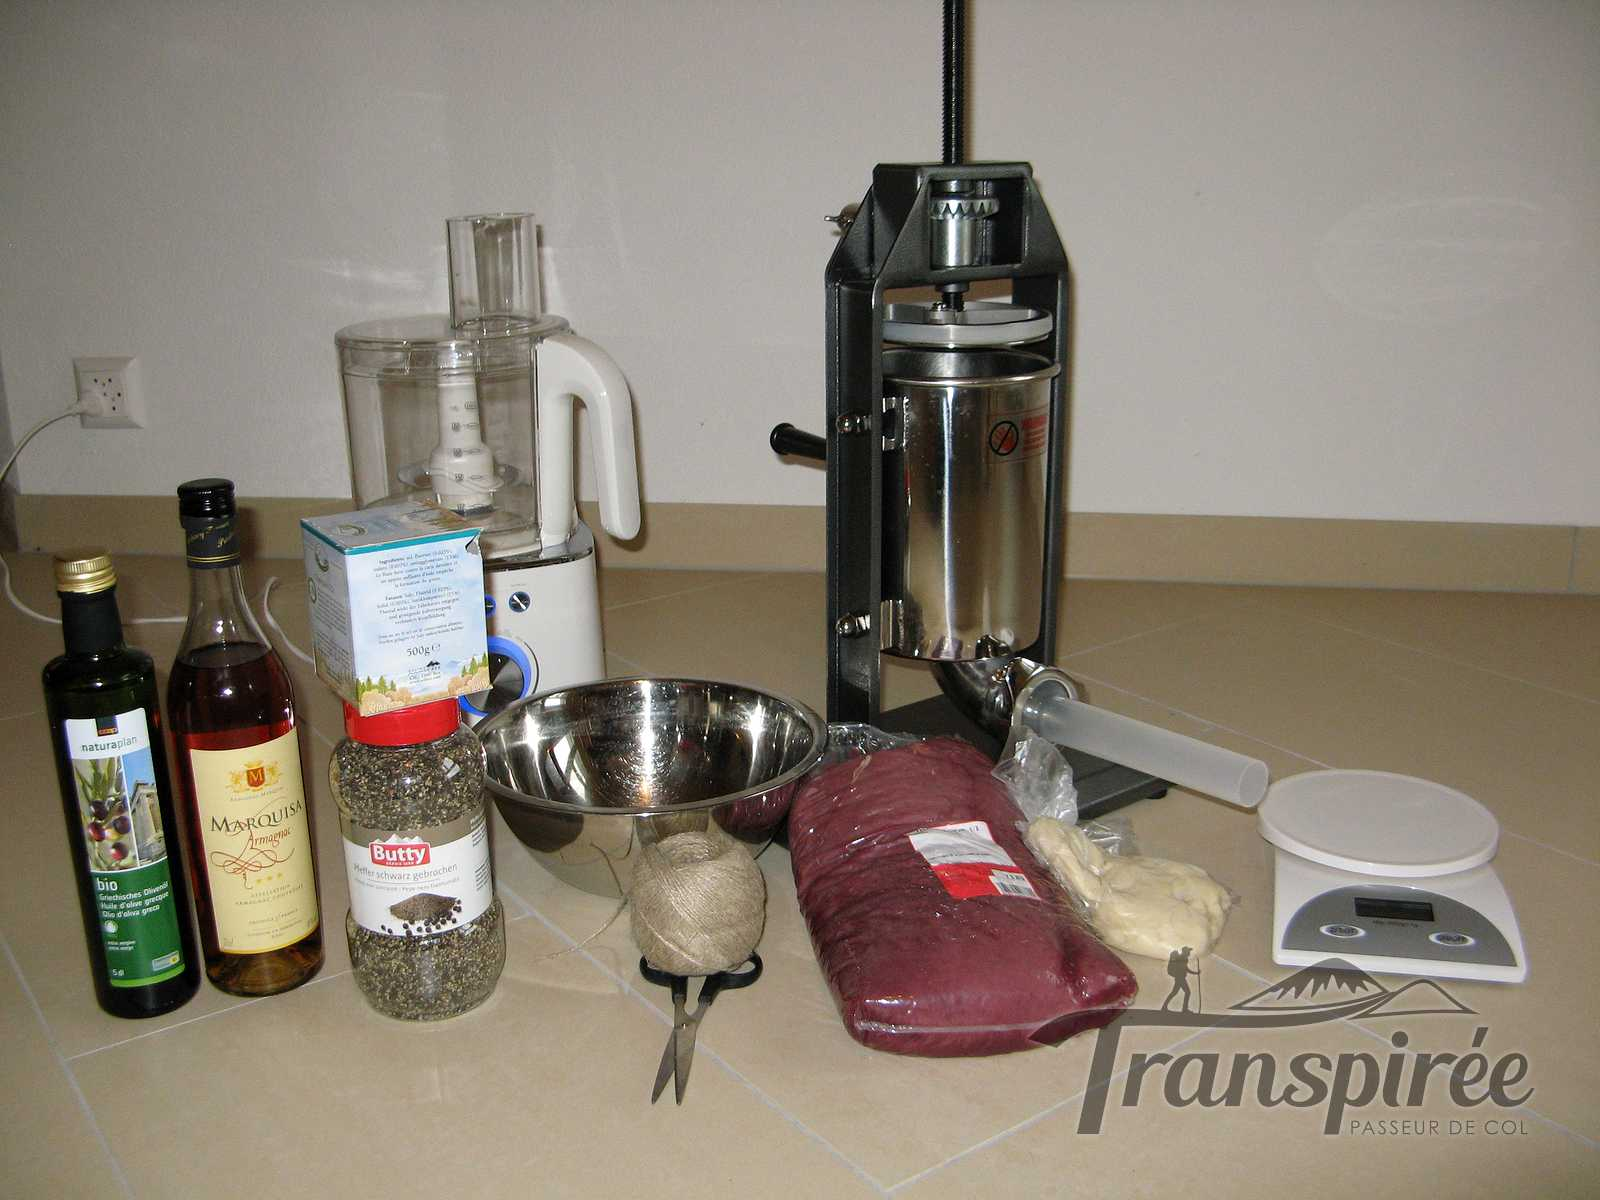 Comment faire son saucisson sec maison ventana blog - Faire du saucisson maison ...